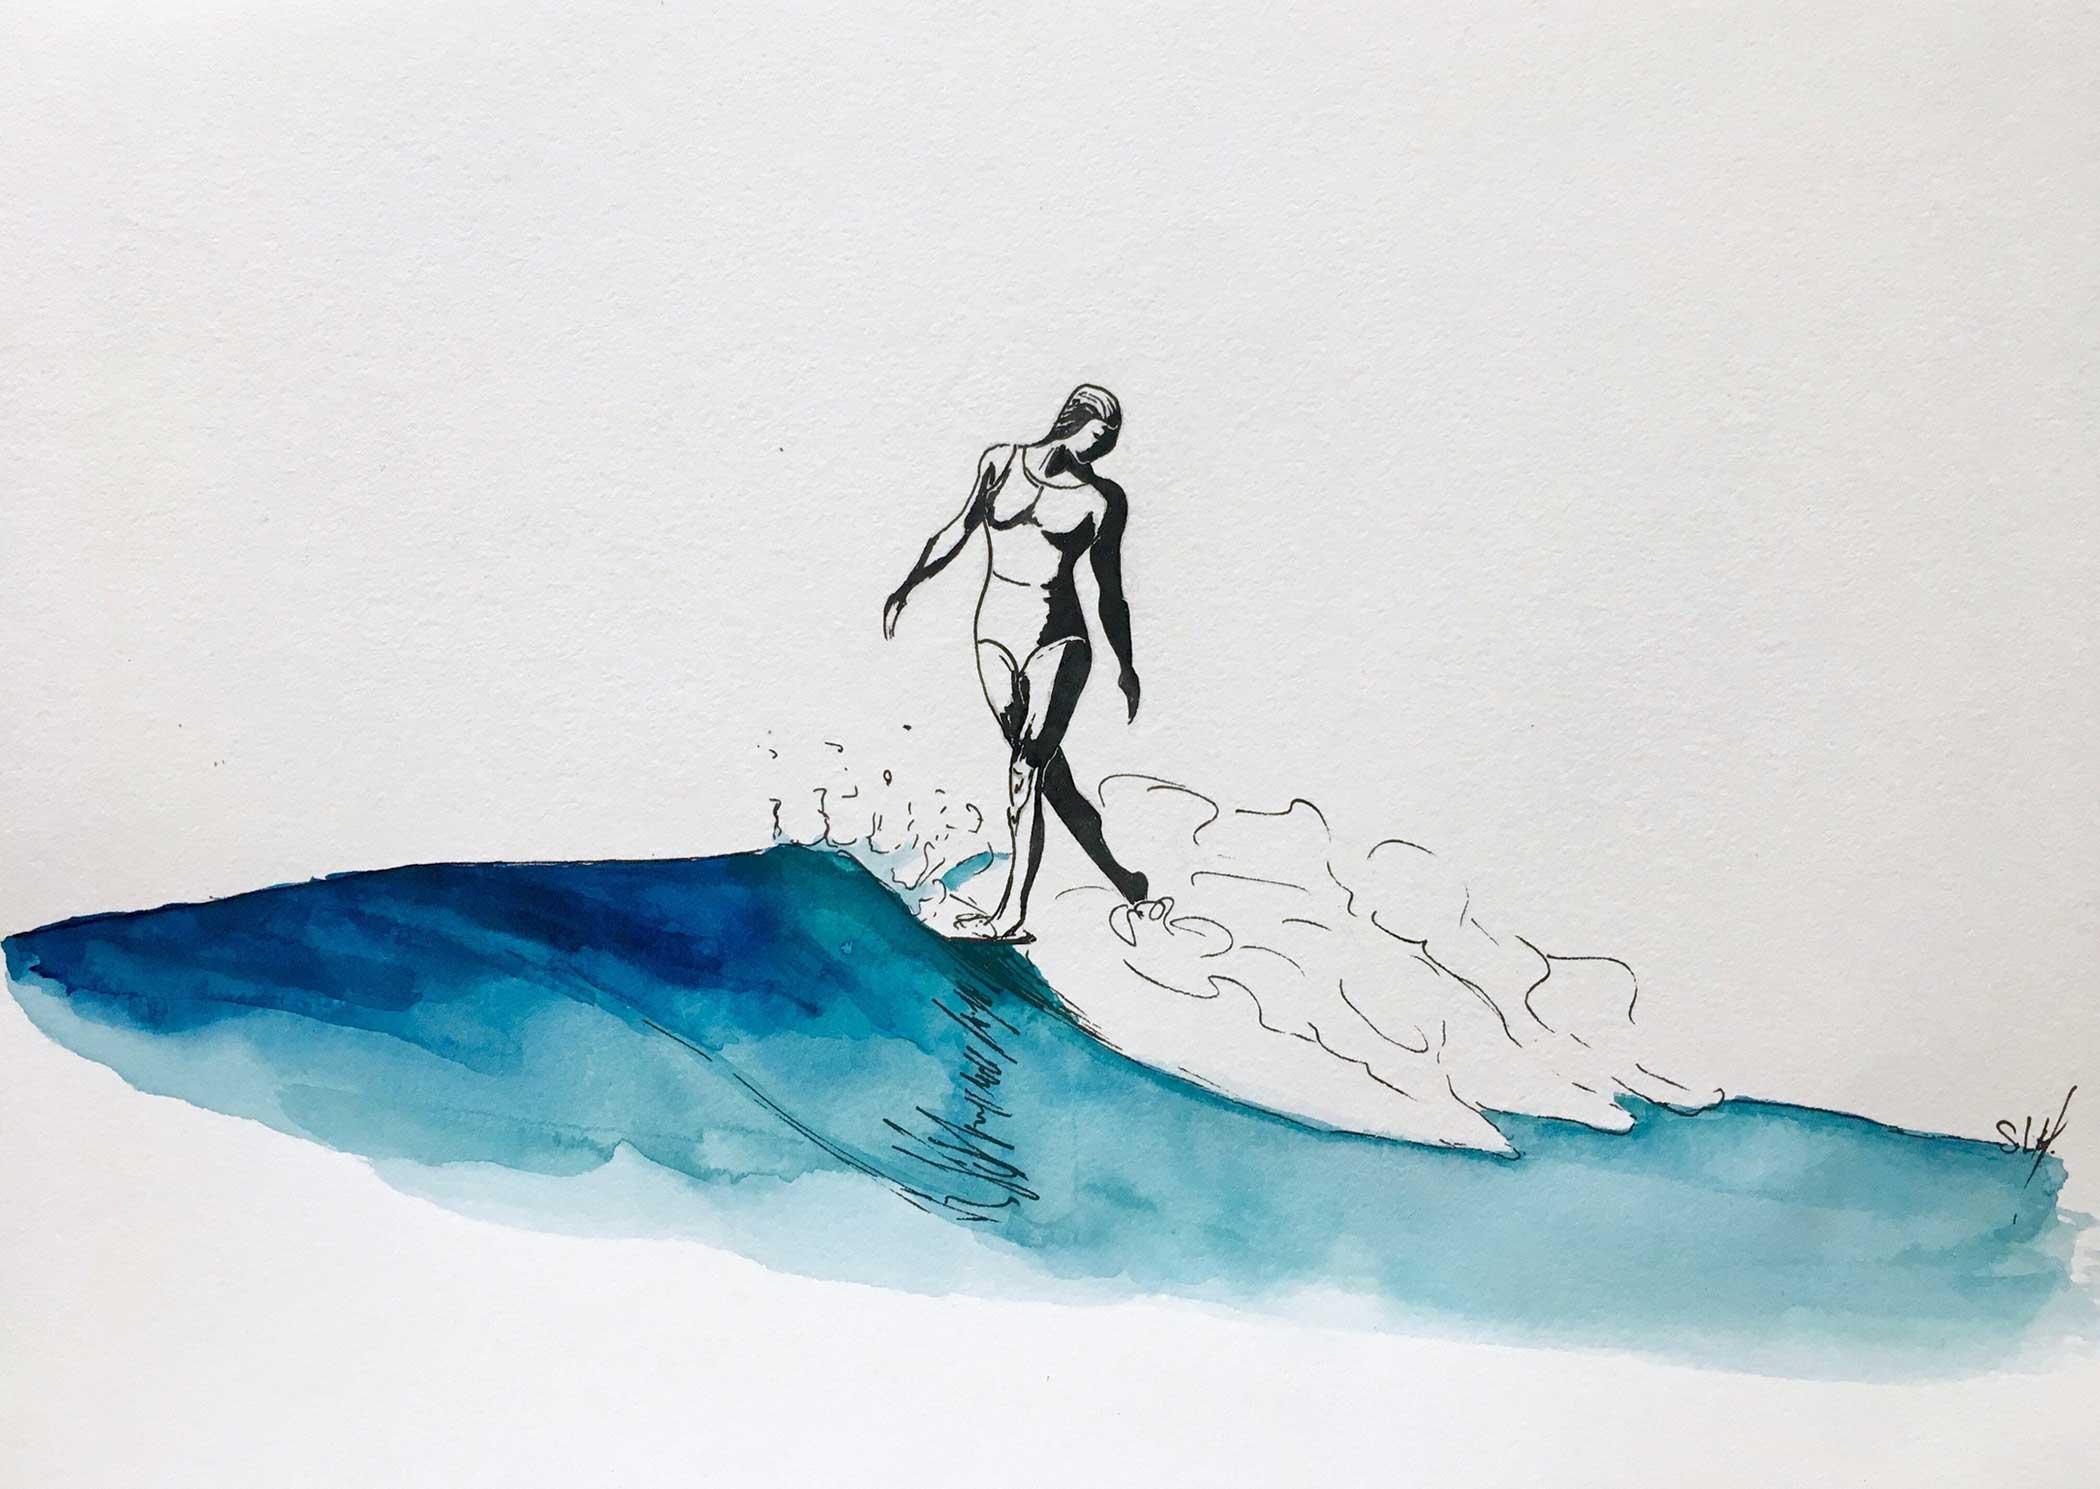 Looking Back Encre et Aquarelle sur papier A4 (24cm x 29,7cm) 2018